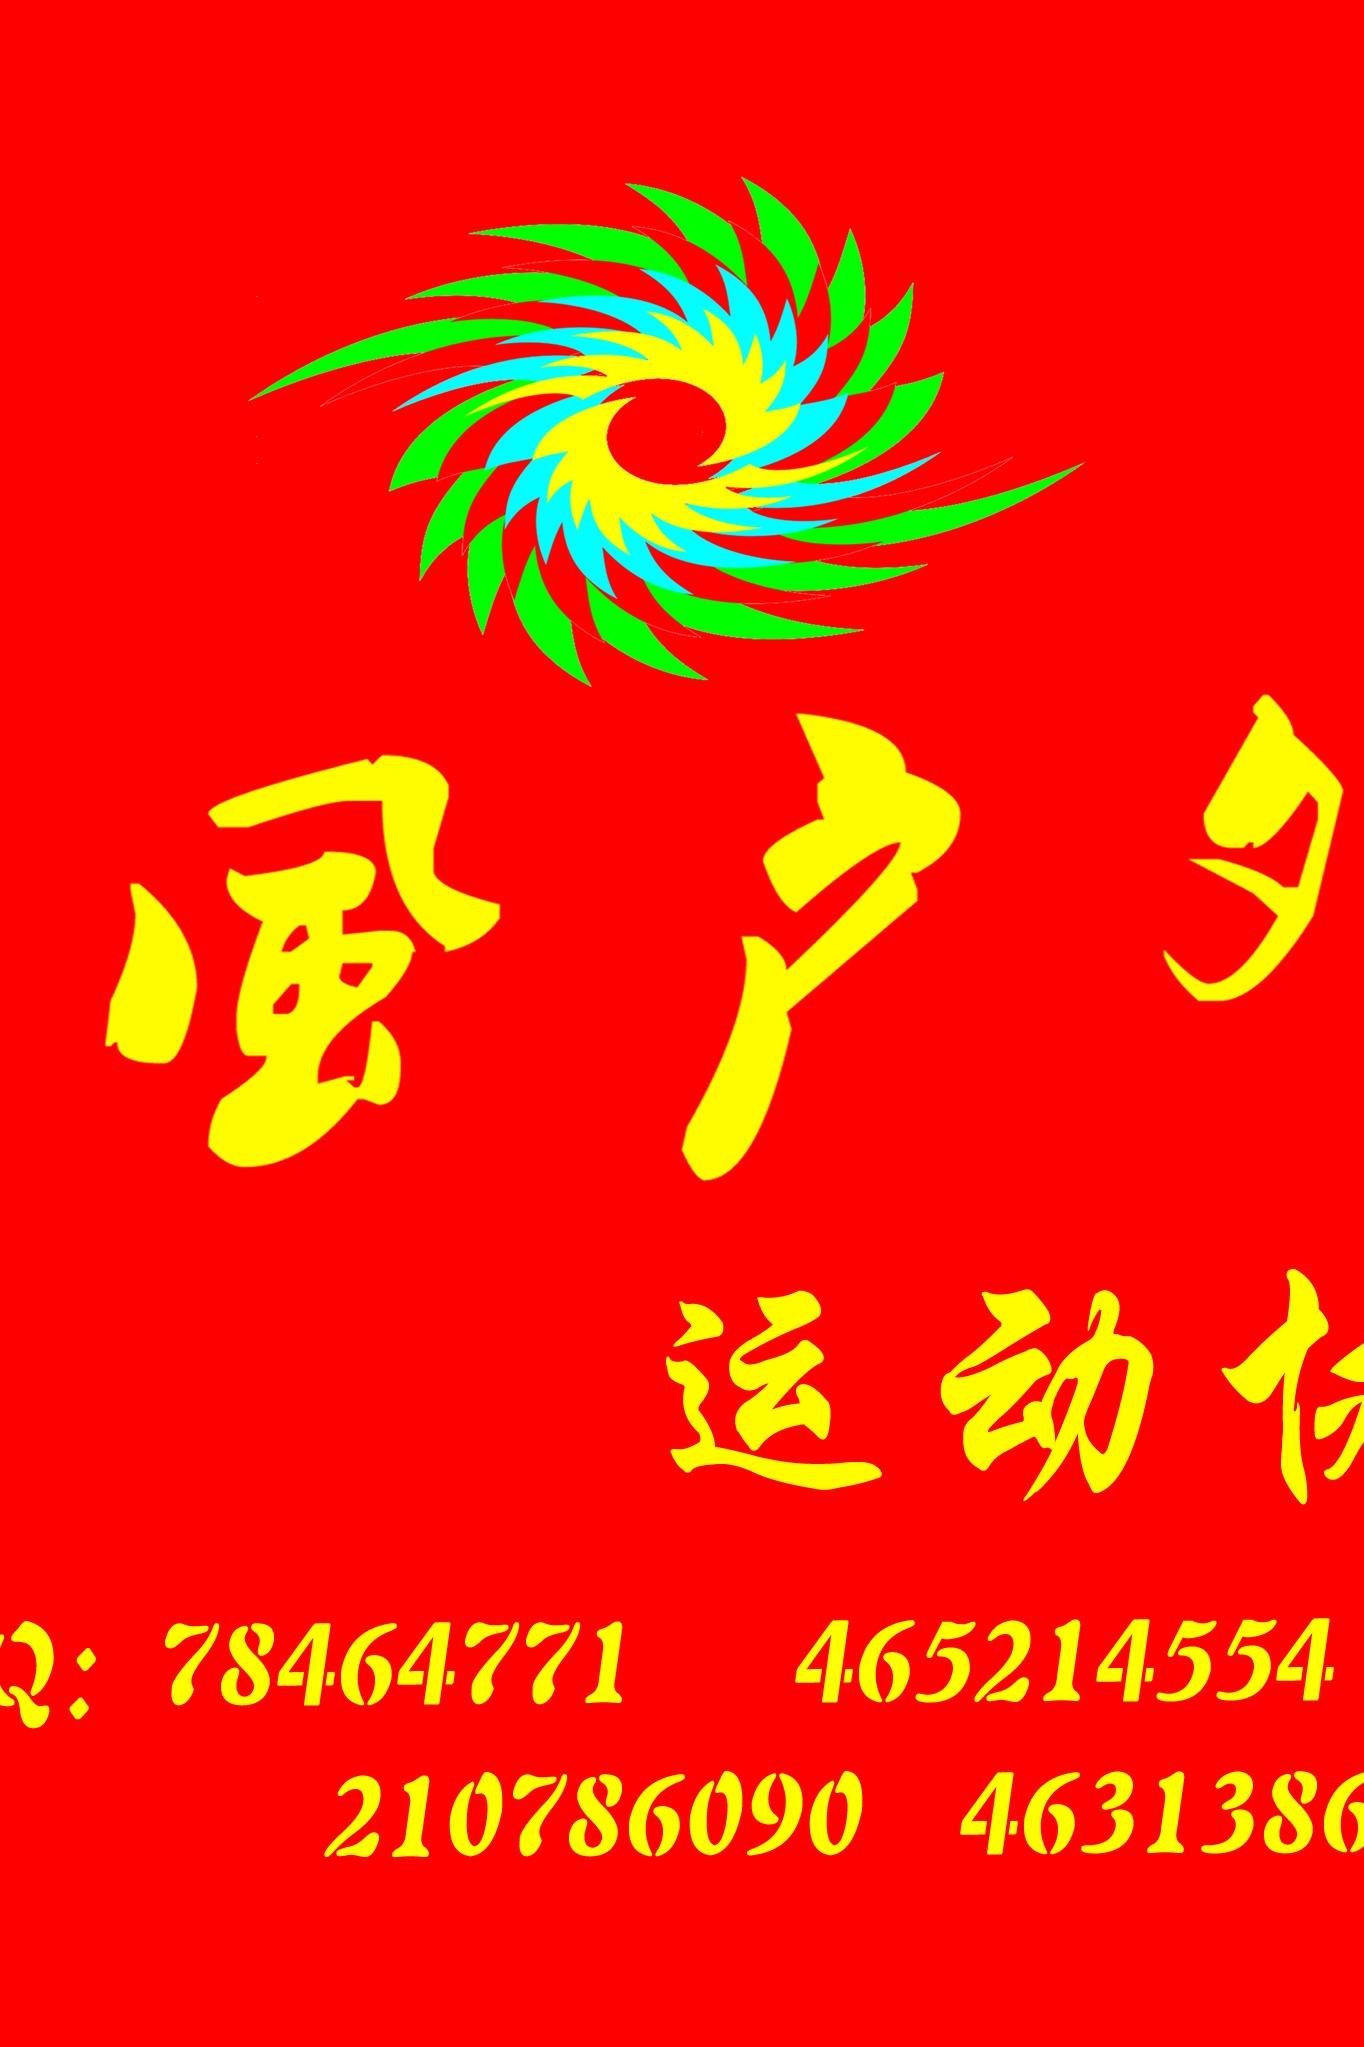 旋风户外运动协会5月1日活动公告: